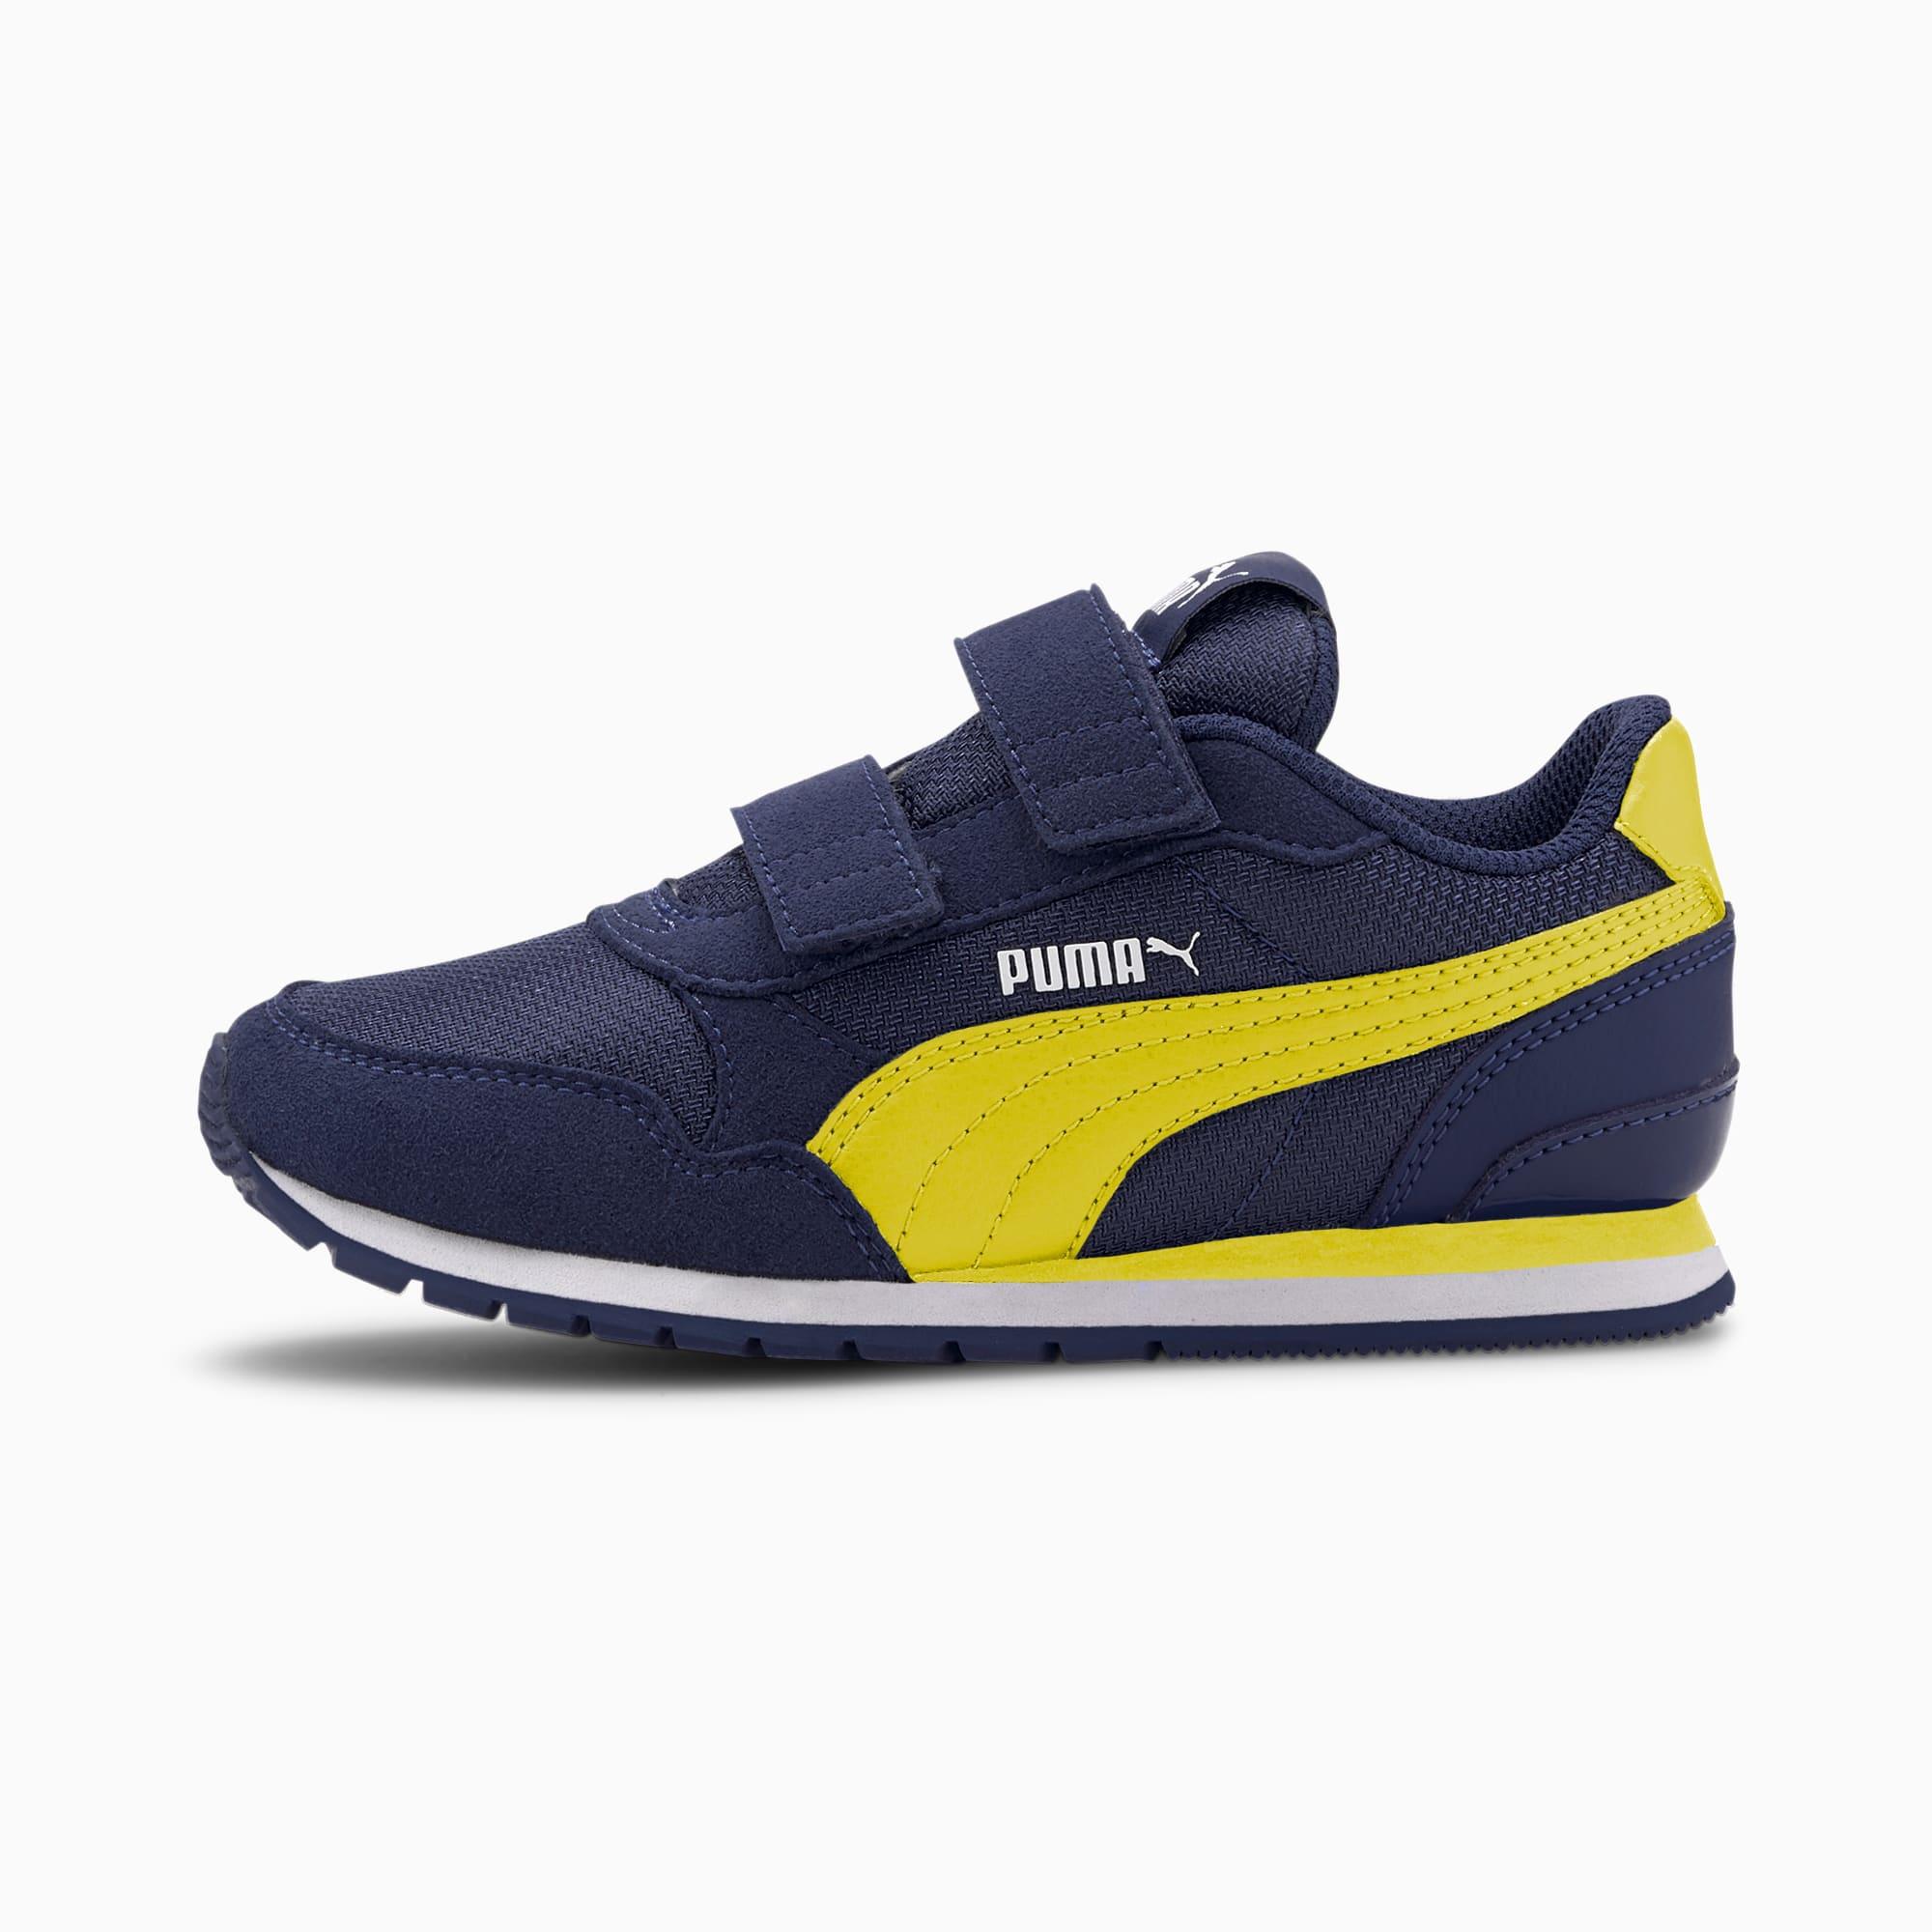 Puma Carina L Damen Sneaker Leder Schuhe weiss 370325 02